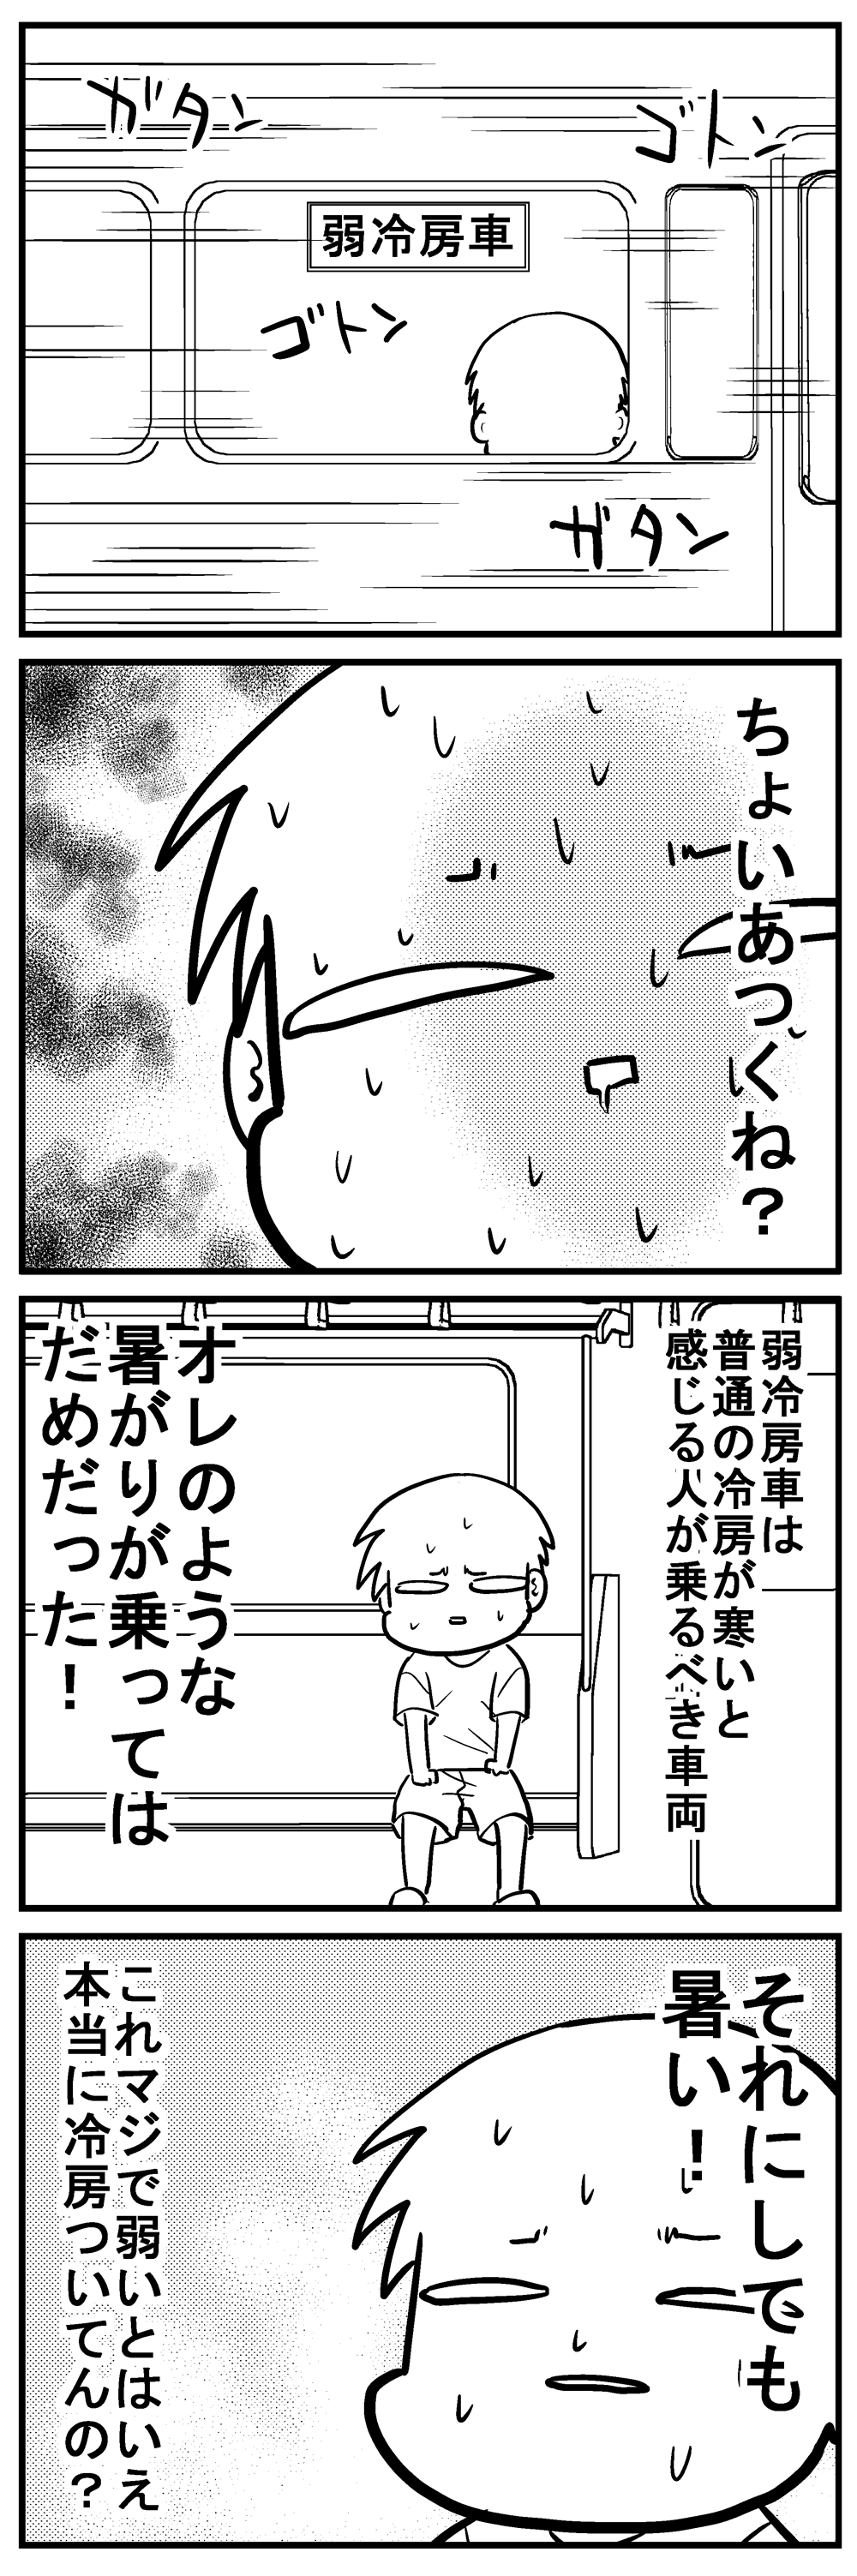 深読みくん68-3